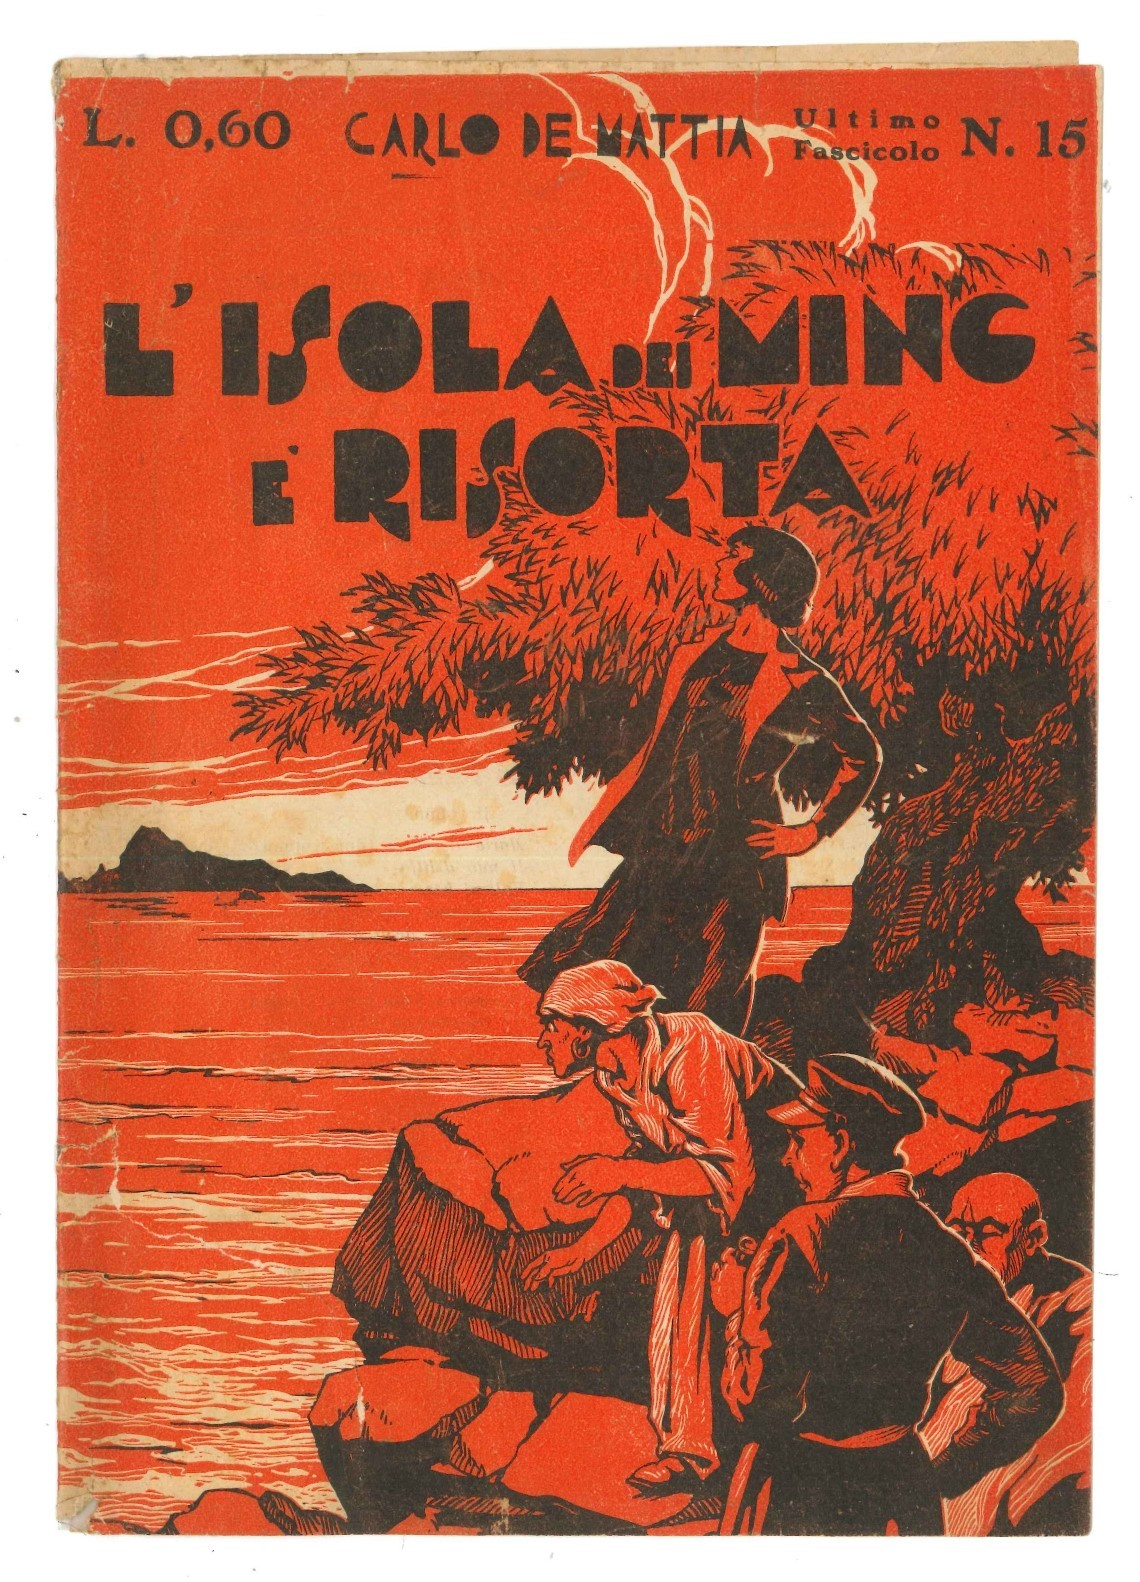 """""""L'isola dei Ming"""" di Carlo De Mattia come può risorgere se non se ne trova più una copia!"""